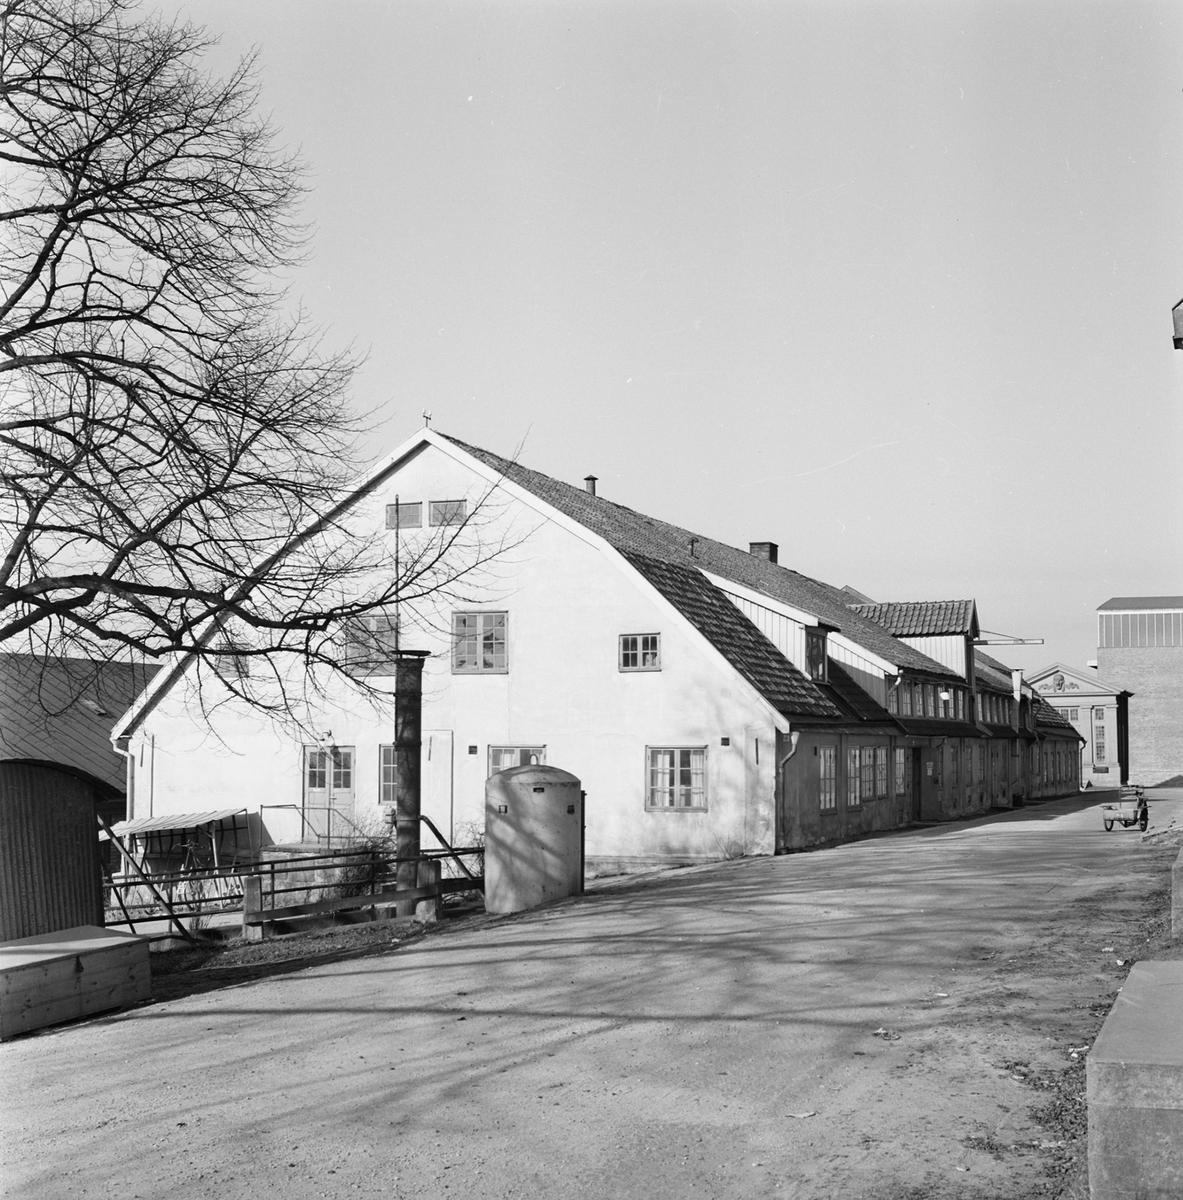 Övrigt: Fotodatum 6/4 1964 Byggnader och Kranar Kansligatan byggnader. Närmast identisk bild: V29280, ej skannad